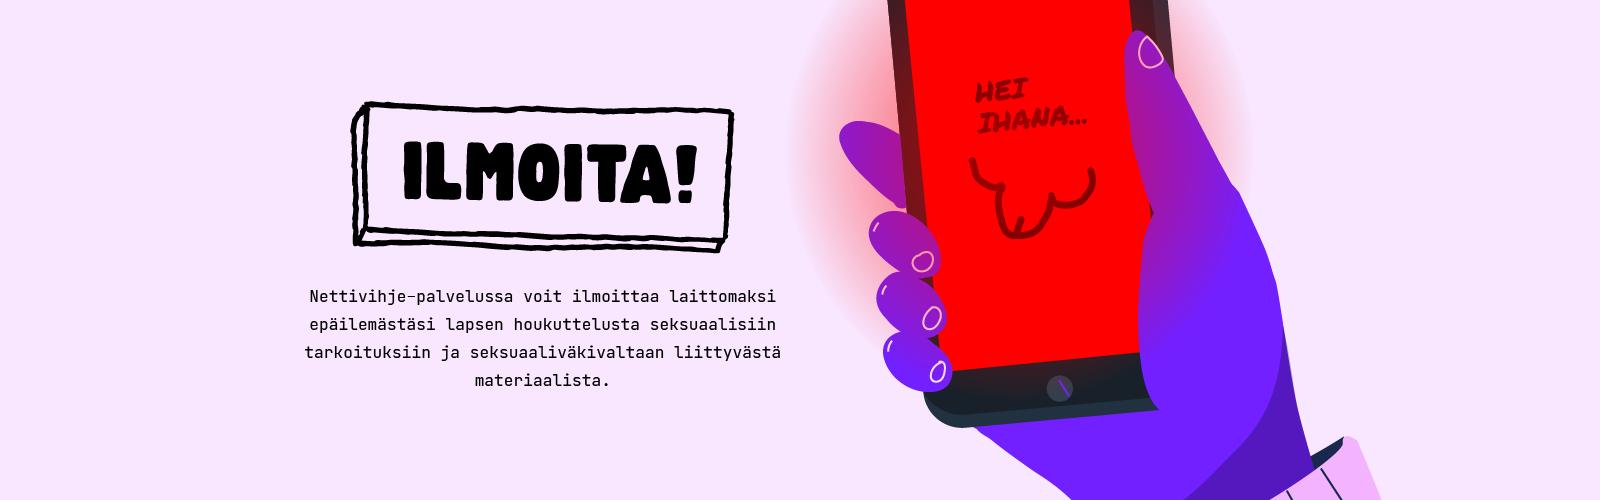 Nettivihje ja seksuaaliväkivallan ennaltaehkäisy